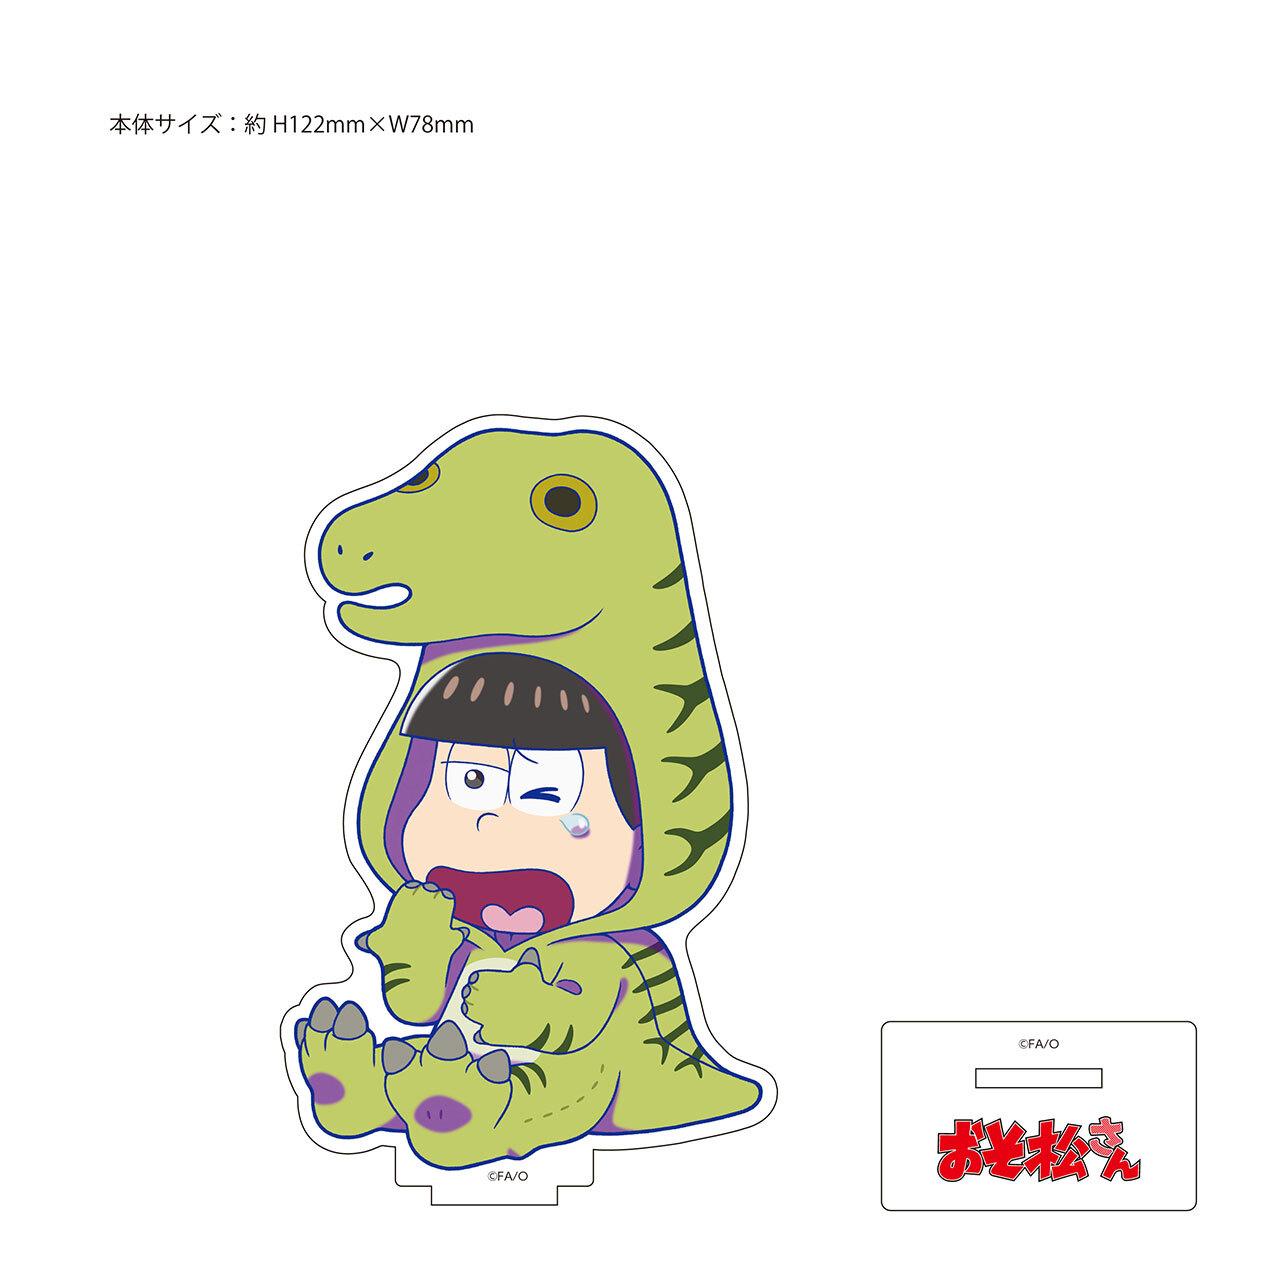 【4589839350327再】おそ松さん フクイサウルス おそ松 アクリルスタンド